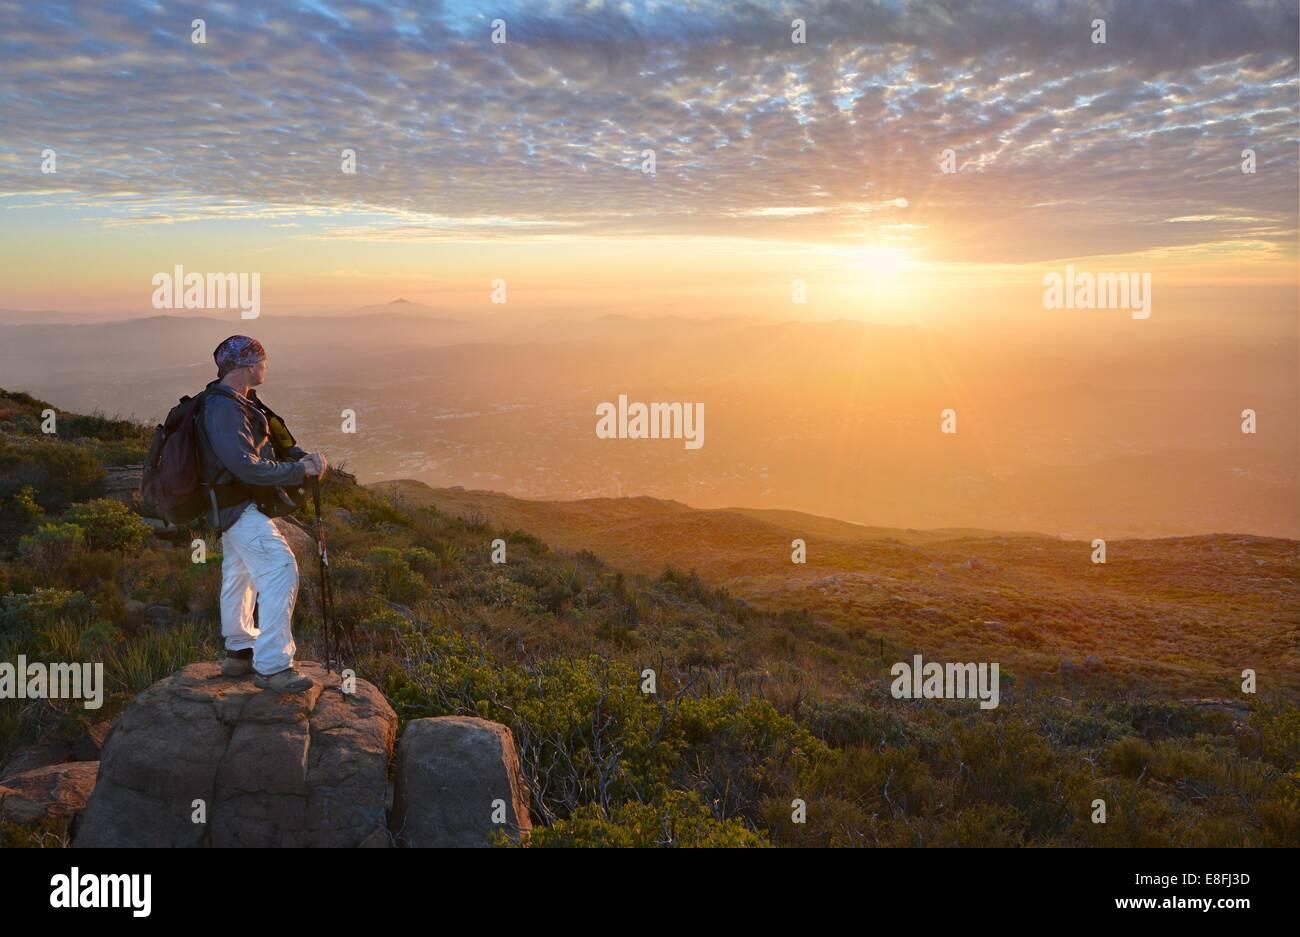 USA, California, Cleveland National Forest, Geschaeftsviertel Blick auf Sonnenuntergang Stockbild